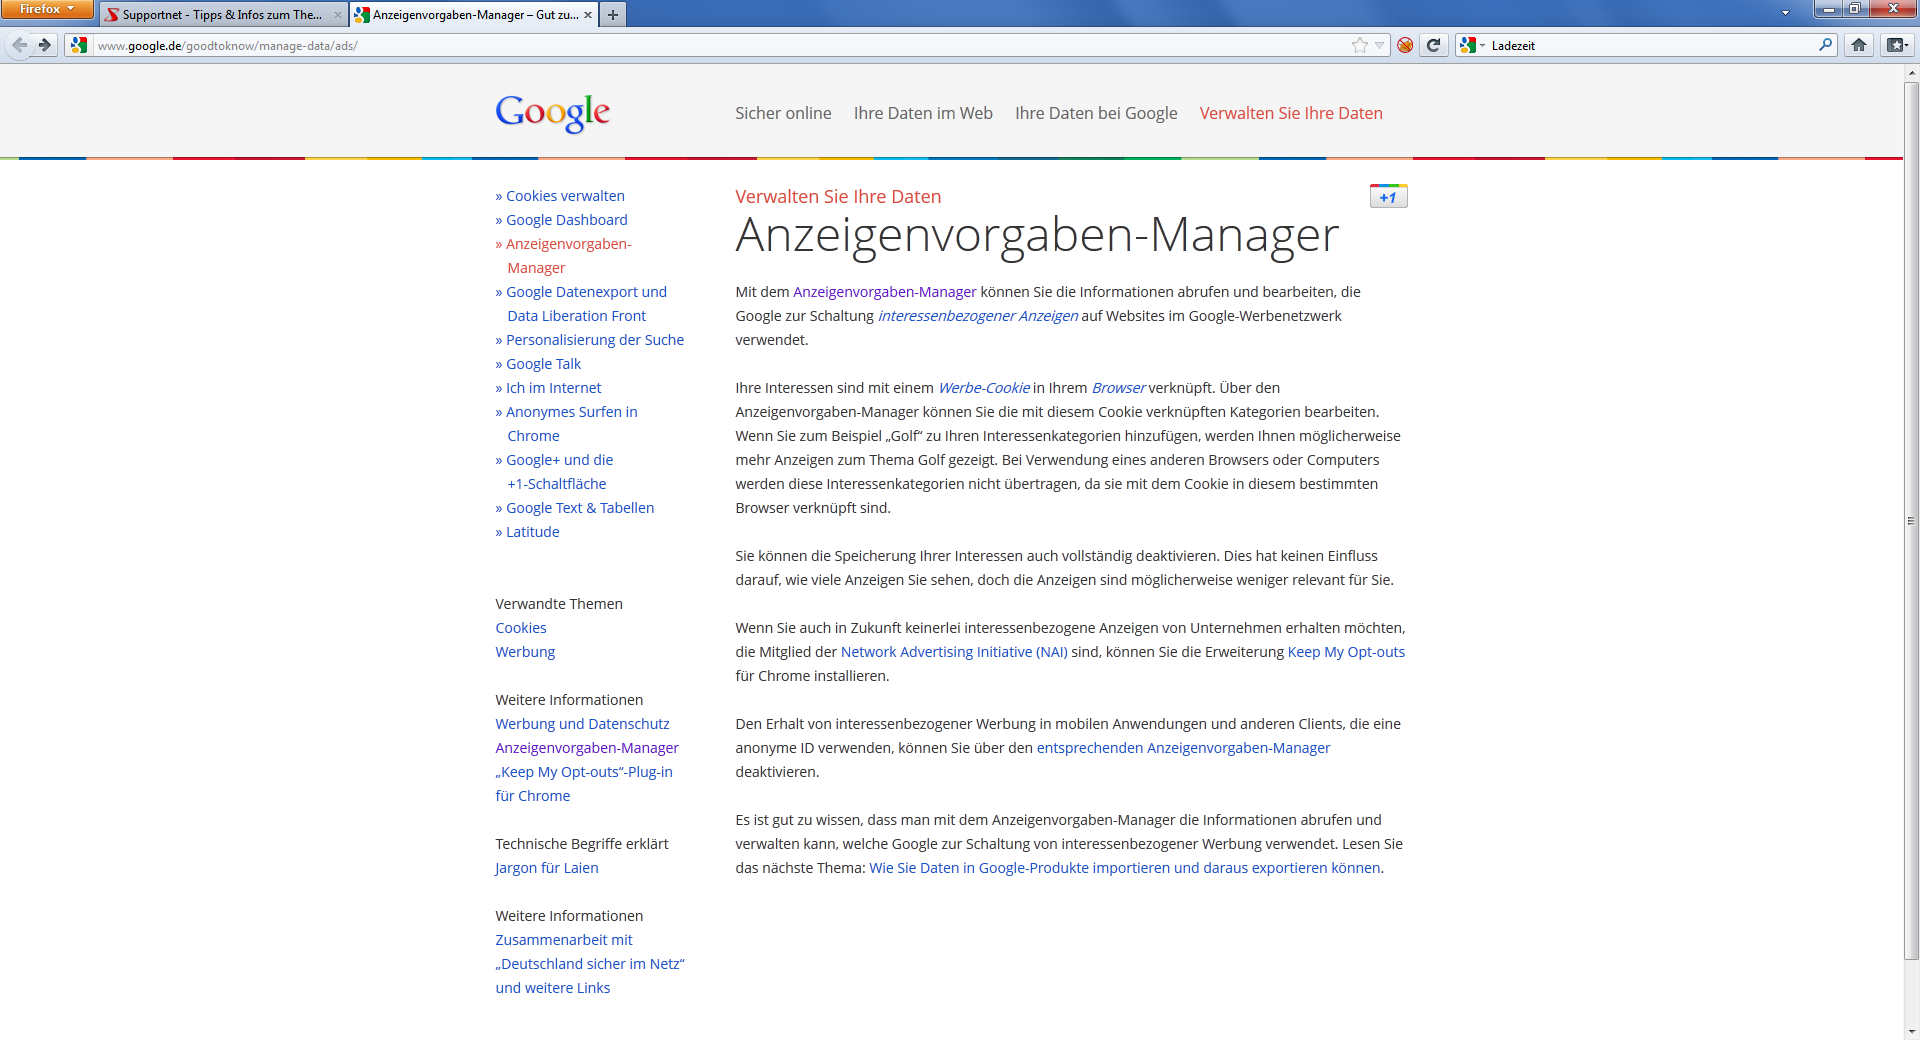 01-anzeigenvorgaben-manager-von-google-startseite-470.png?nocache=1324549545030